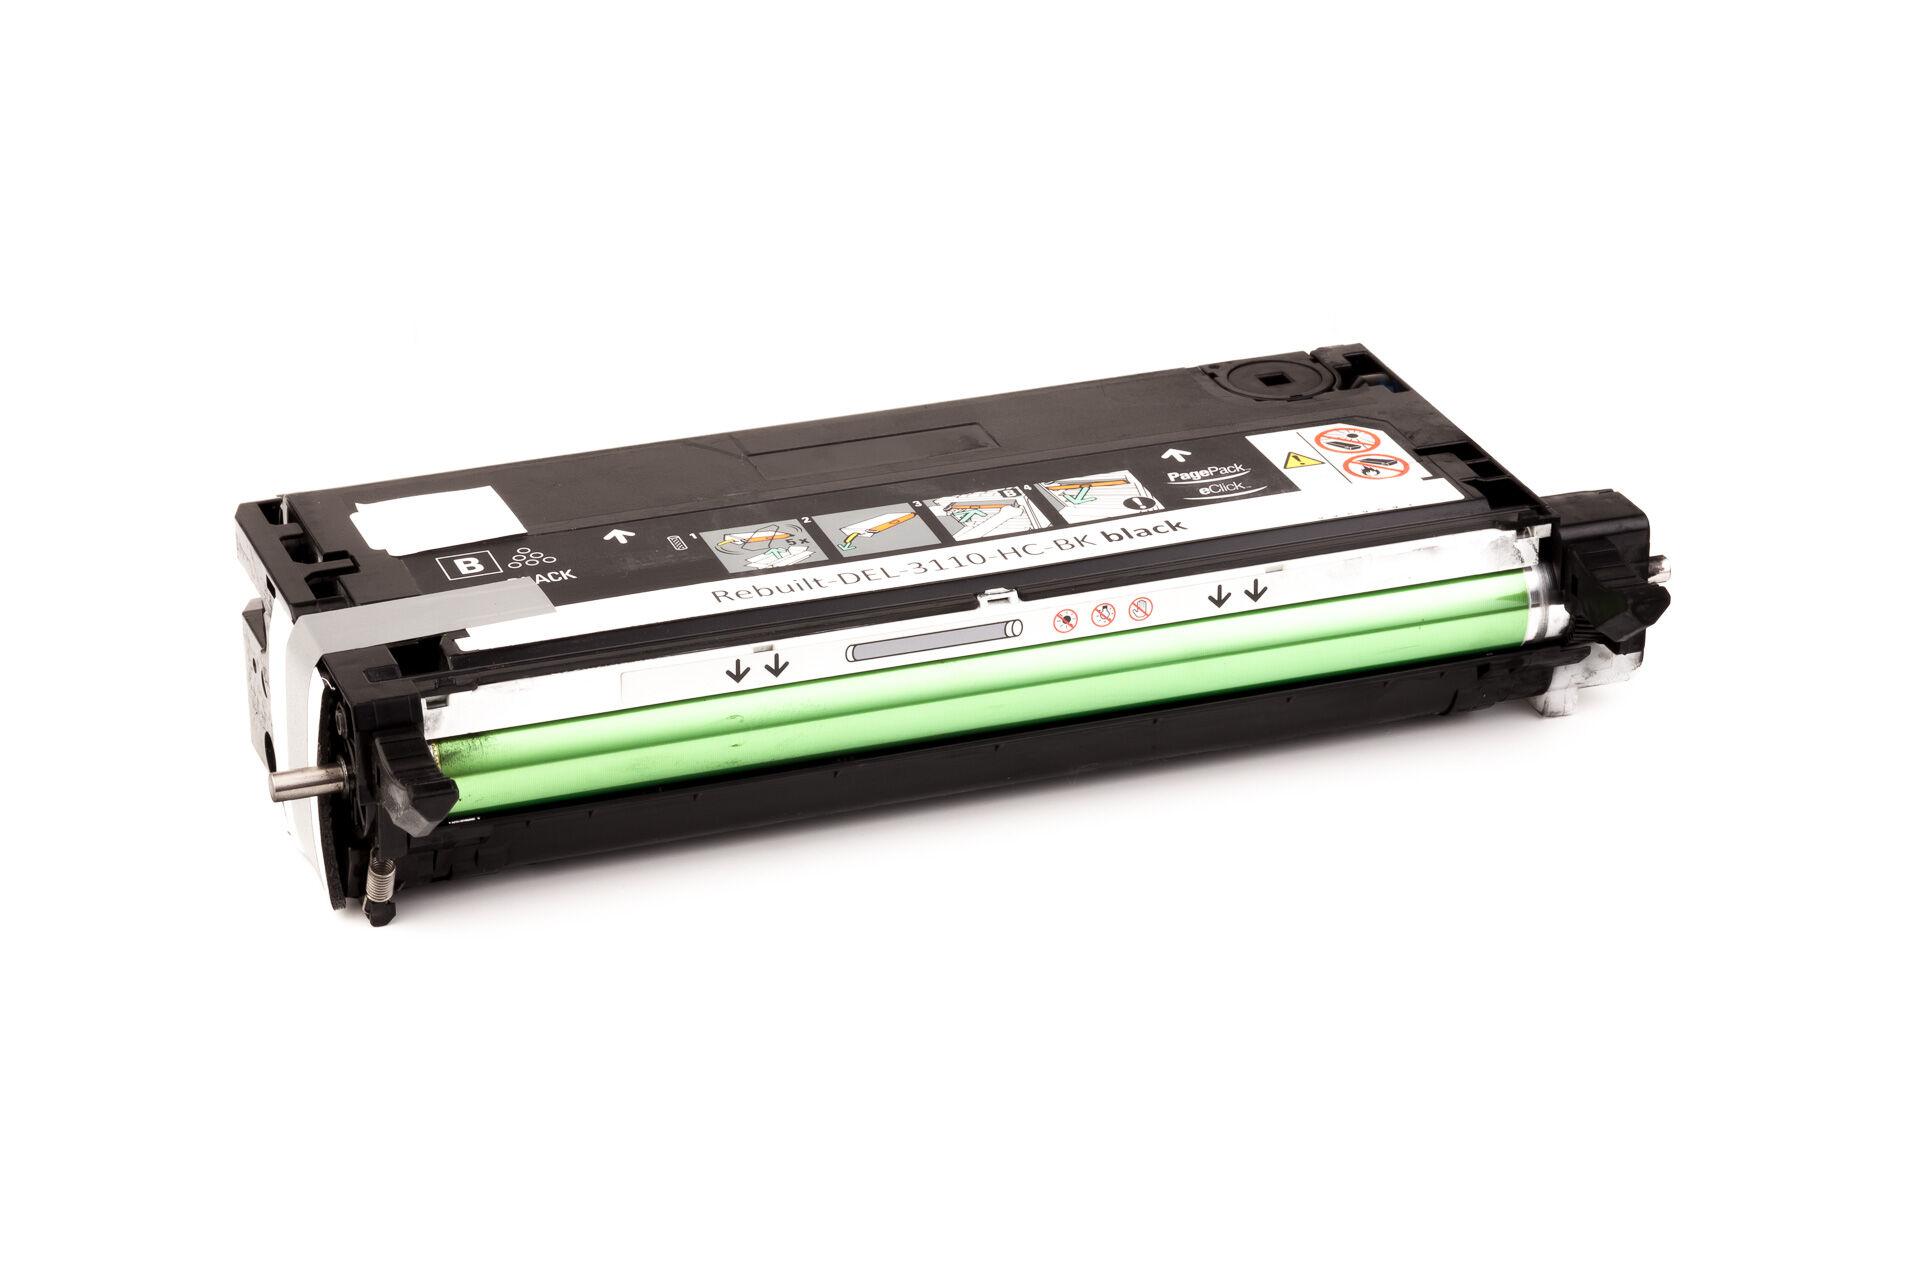 Dell Cartouche de Toner pour Dell 59310170 / PF030 noir compatible (de marque ASC)